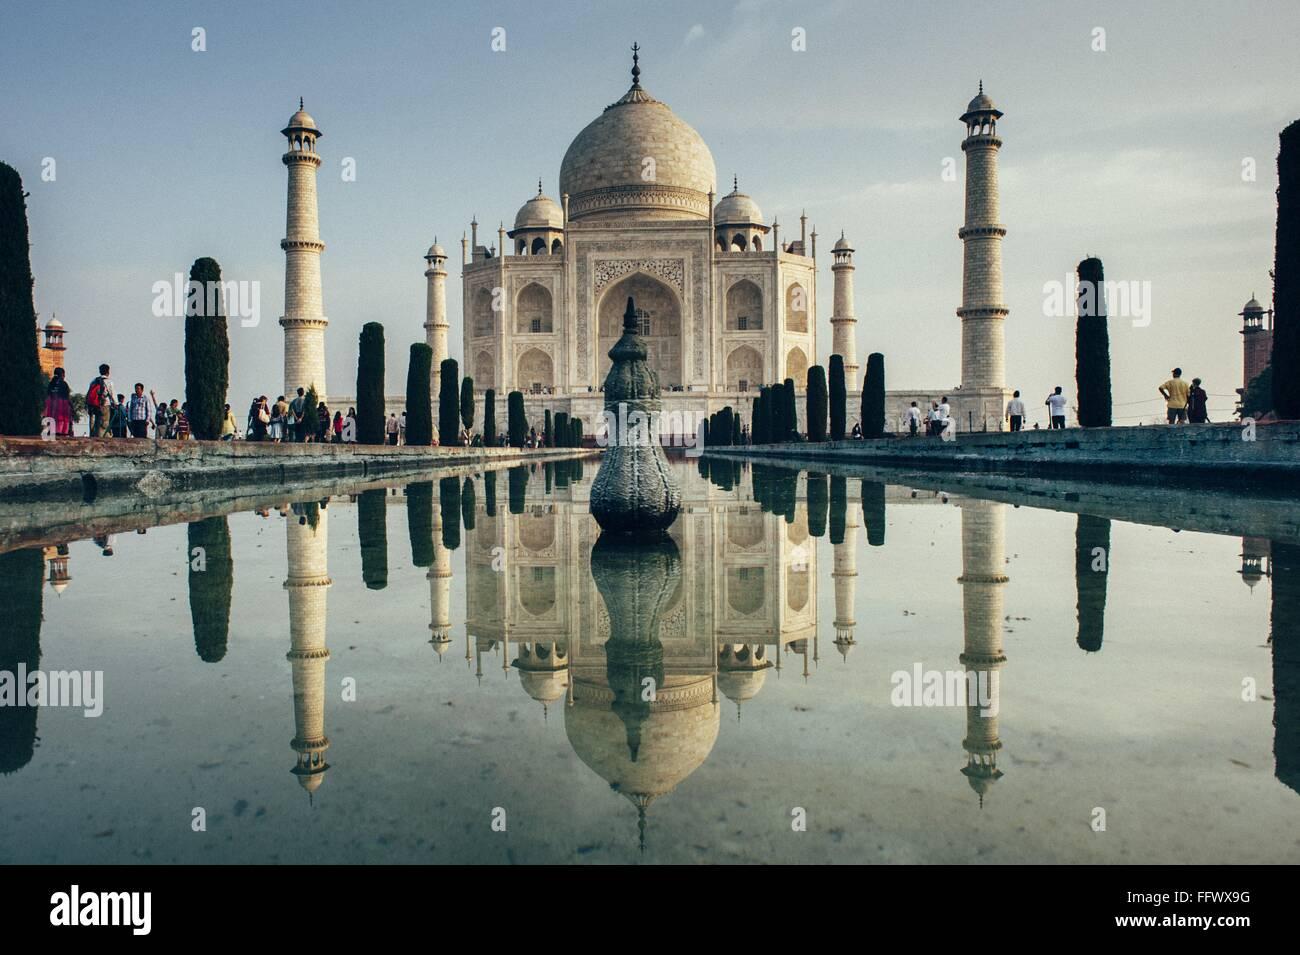 Reflejo del Taj Mahal contra el cielo claro Imagen De Stock